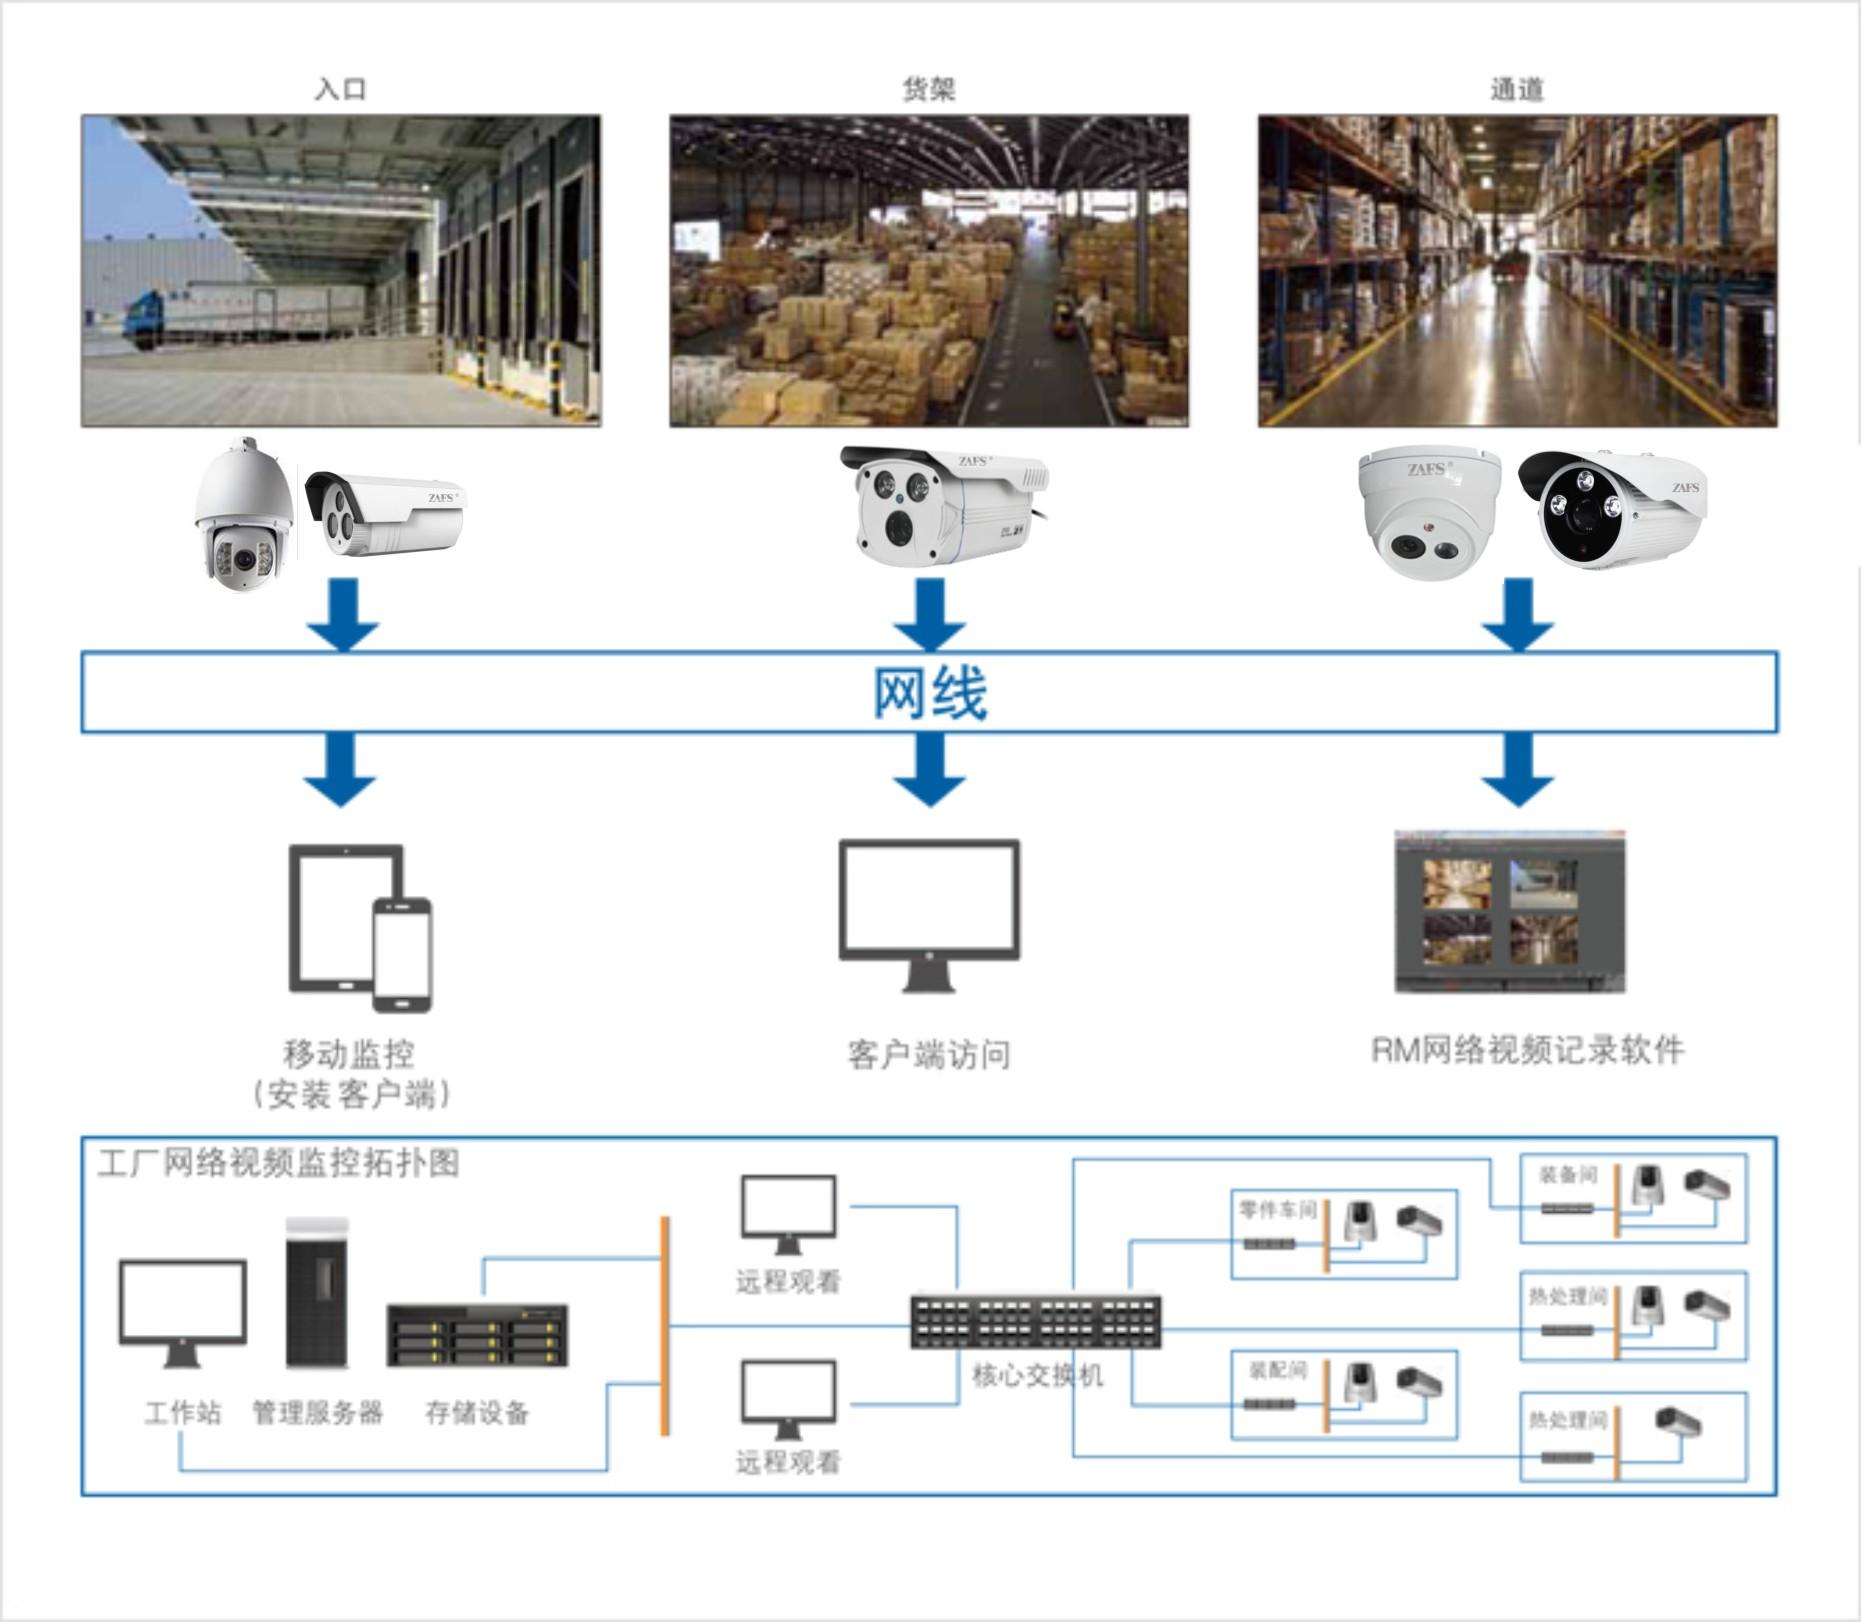 制造仓库数字监控系统解决方案